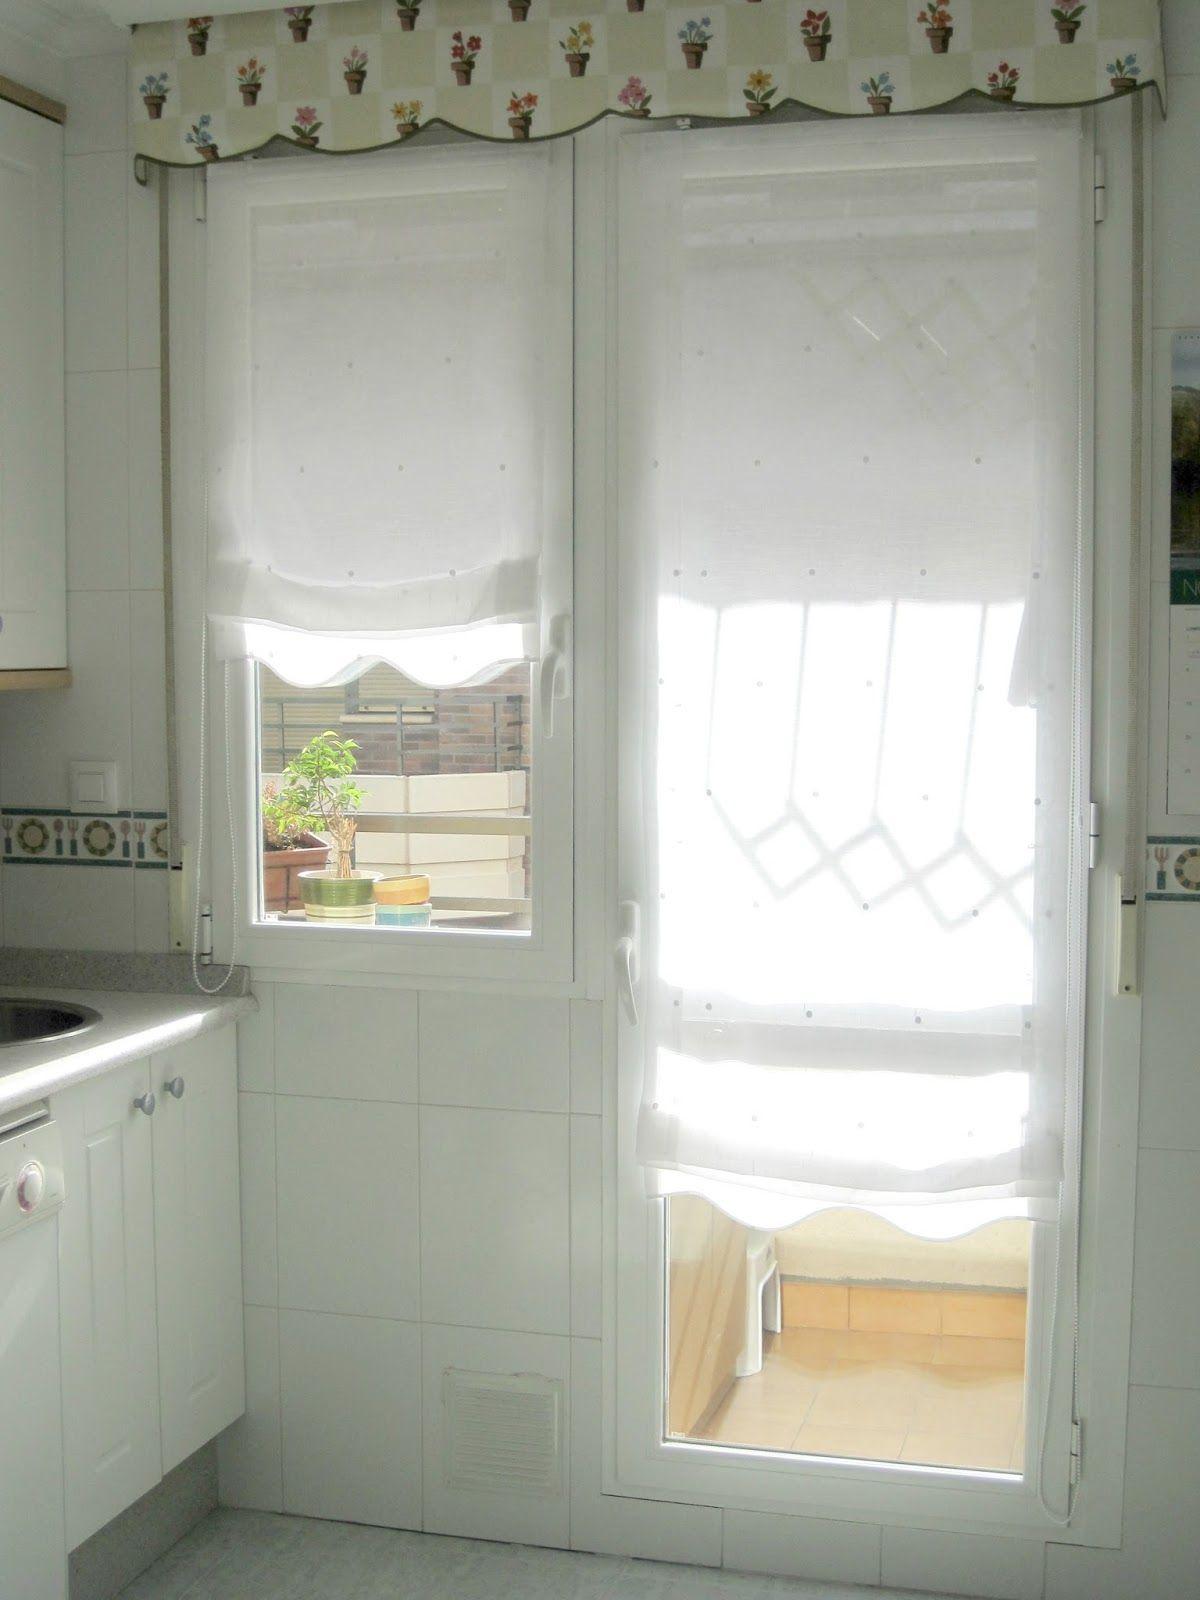 Gu a de cortinas estores enrollables para tu cocina - Que cortinas poner en la cocina ...